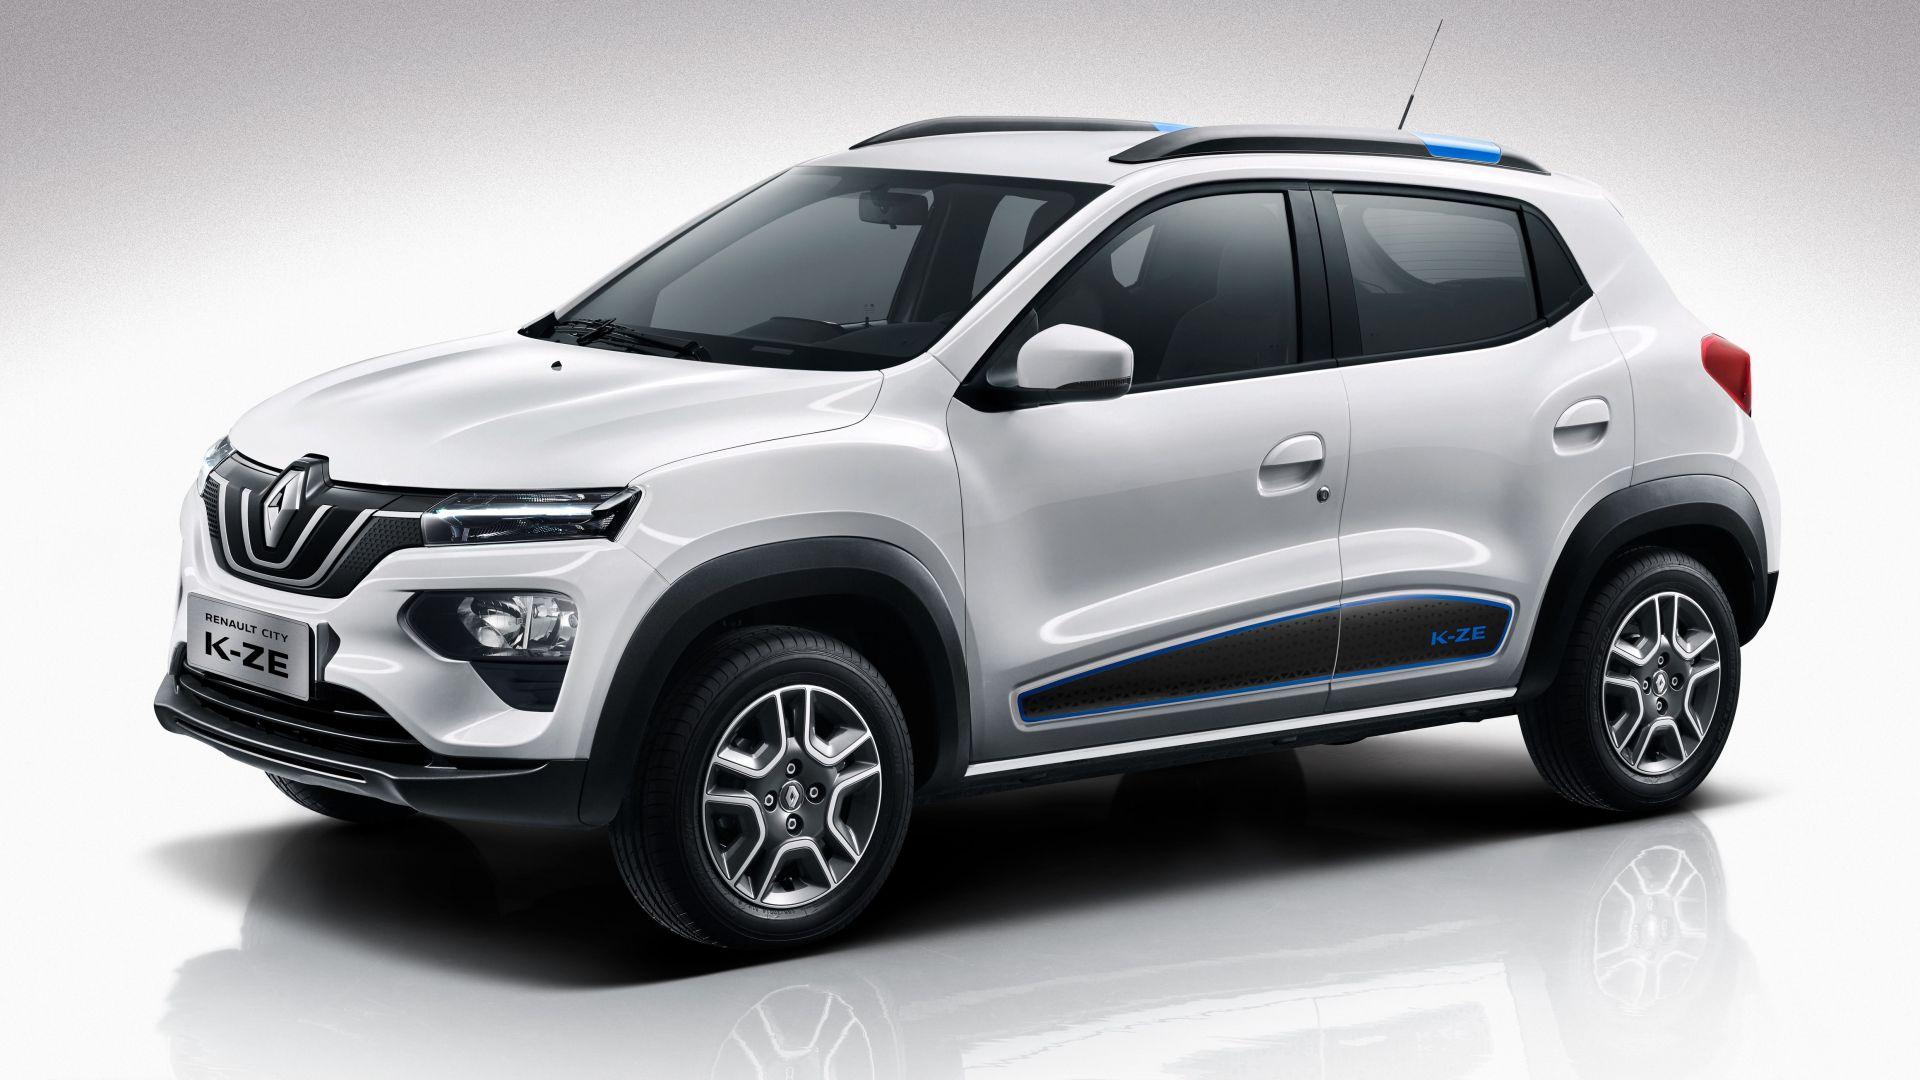 Motor City Auto >> Dacia elettrica 2020: arrivo, autonomia, prezzi, foto - MotorBox